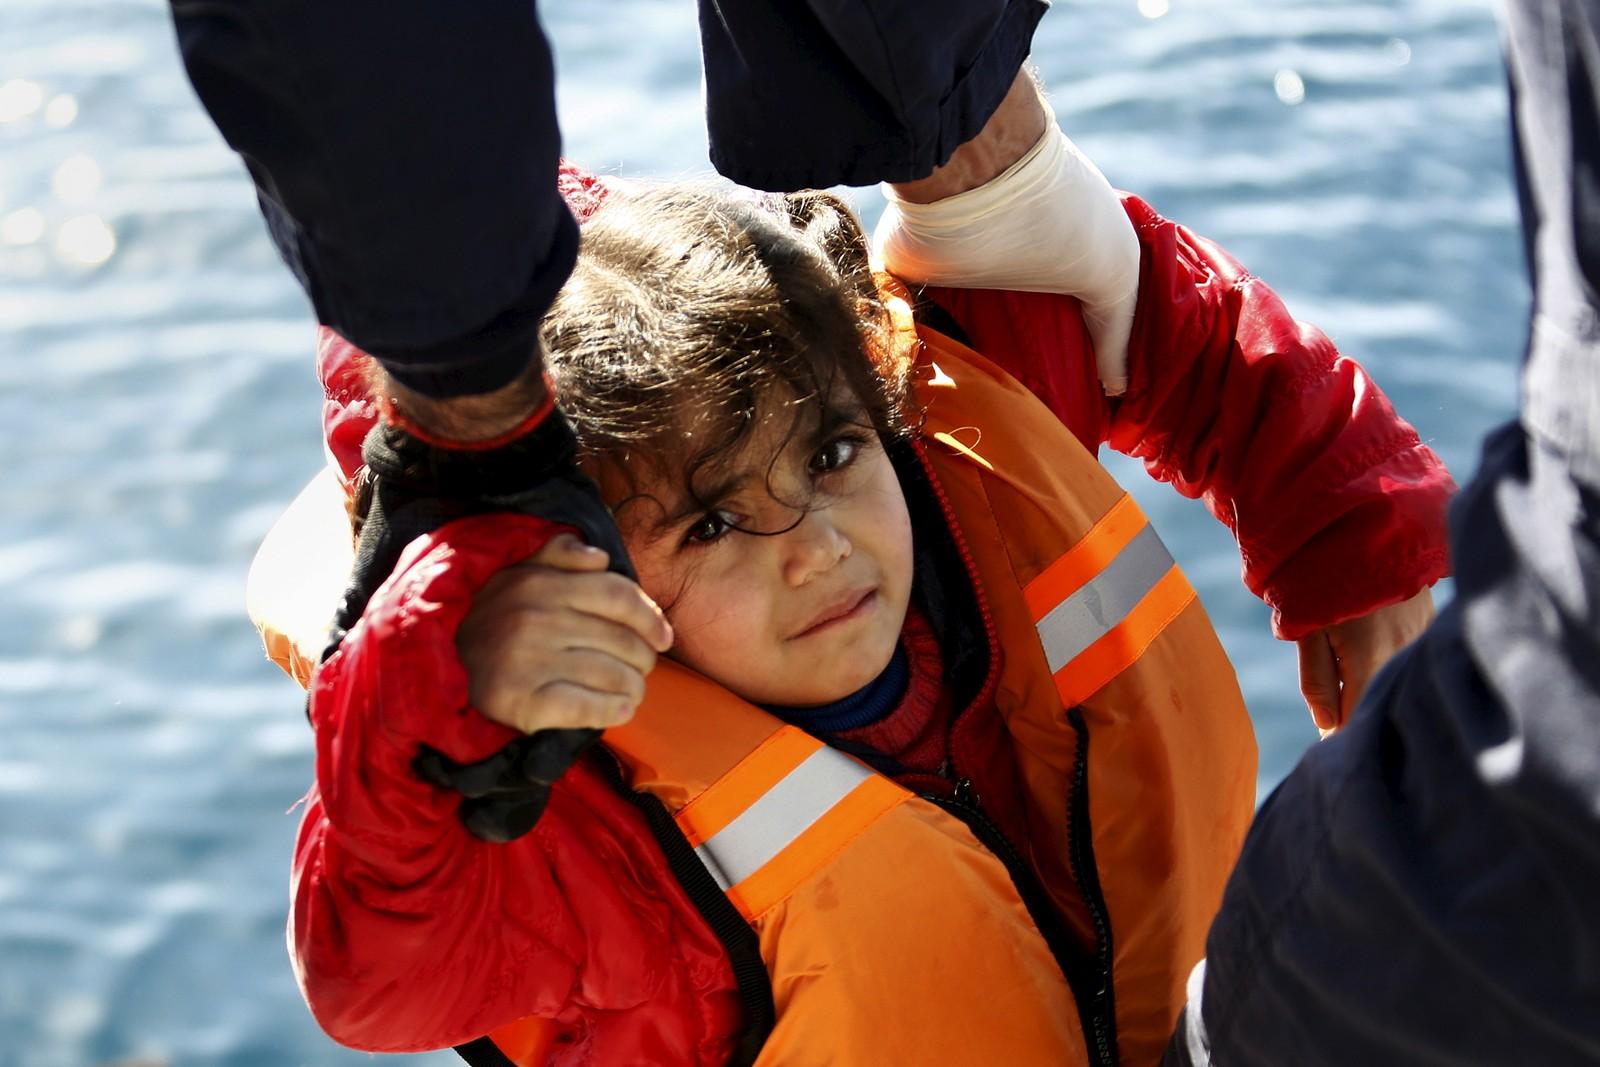 Den greske kystvakten løfter en liten flyktningjente opp fra en gummibåt, under en redningsaksjon på åpent hav midt mellom Tyrkia og den greske øya Lesbos.